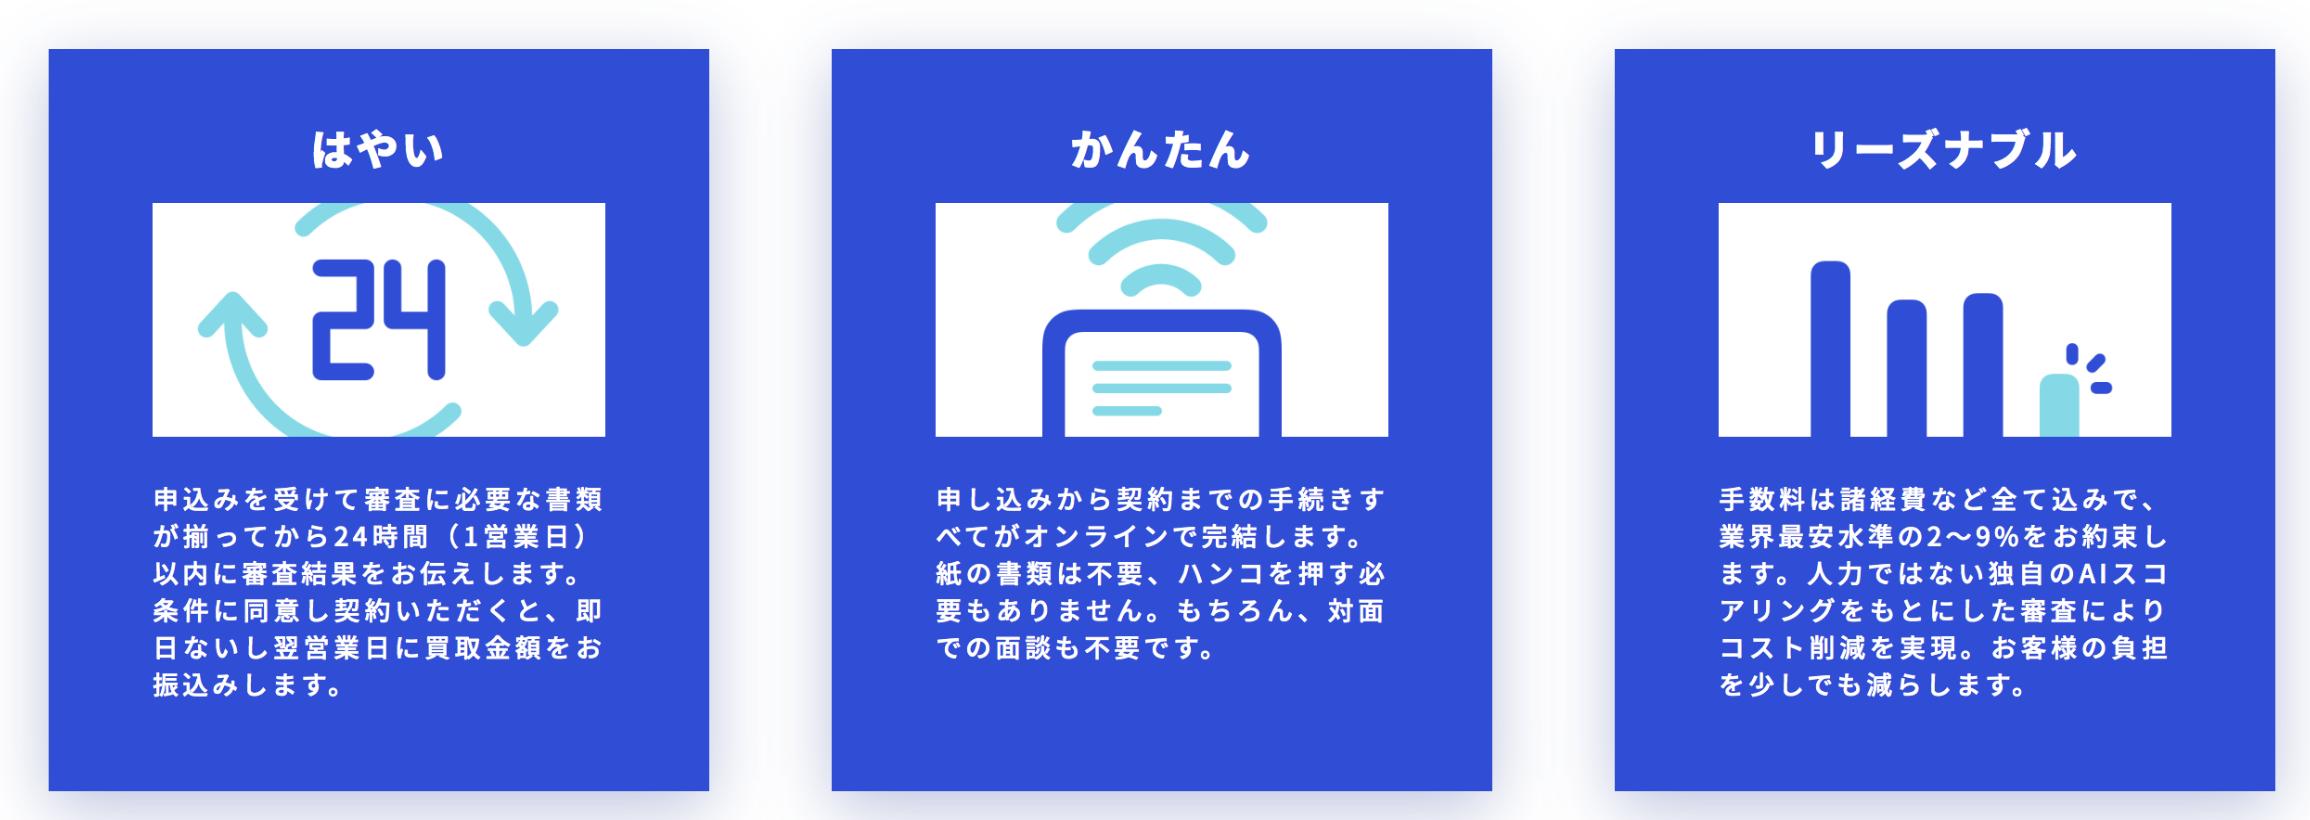 OLTA公式サイトより